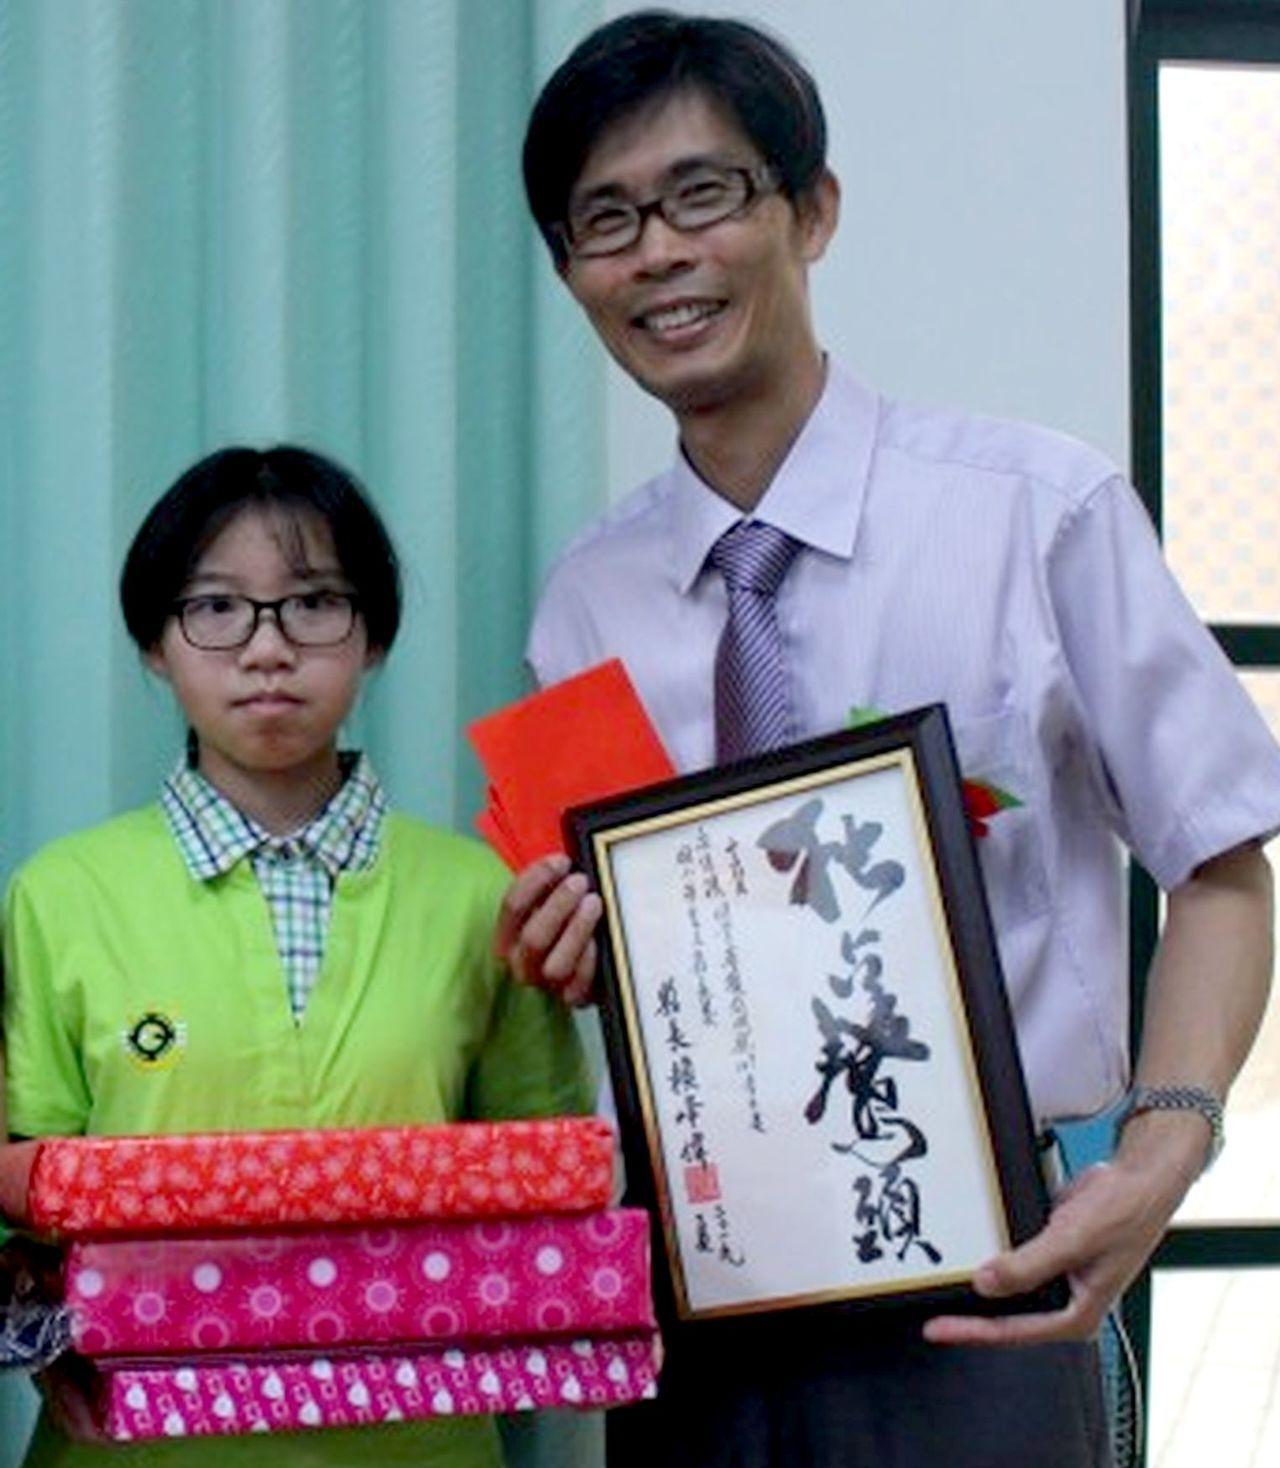 澎縣成功國小今年僅一名畢業生,包辦大小20個獎項。記者王昭月/翻攝